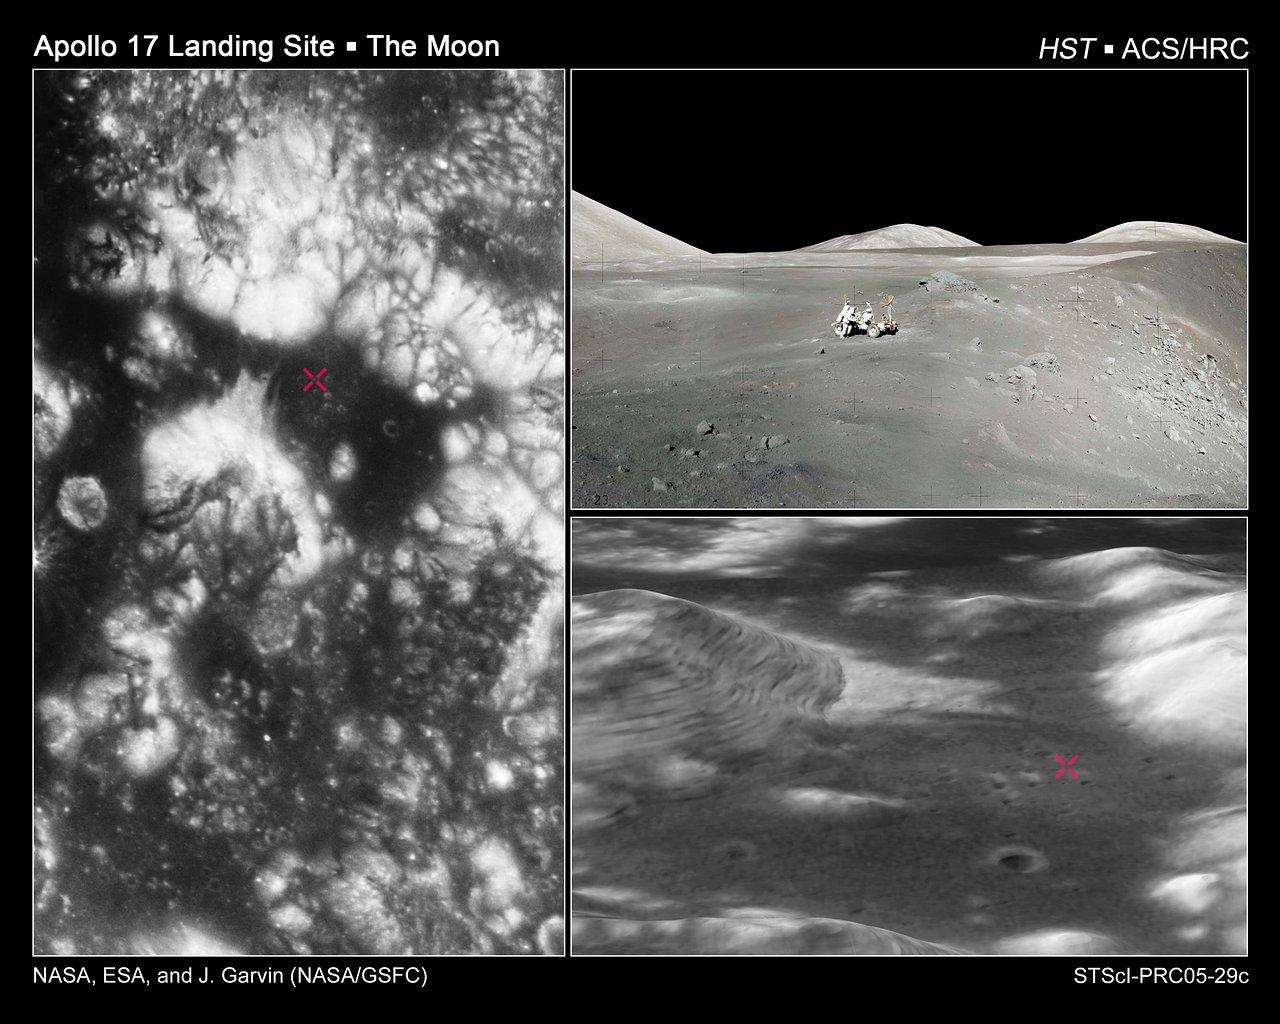 Apollo 17 Landing Region